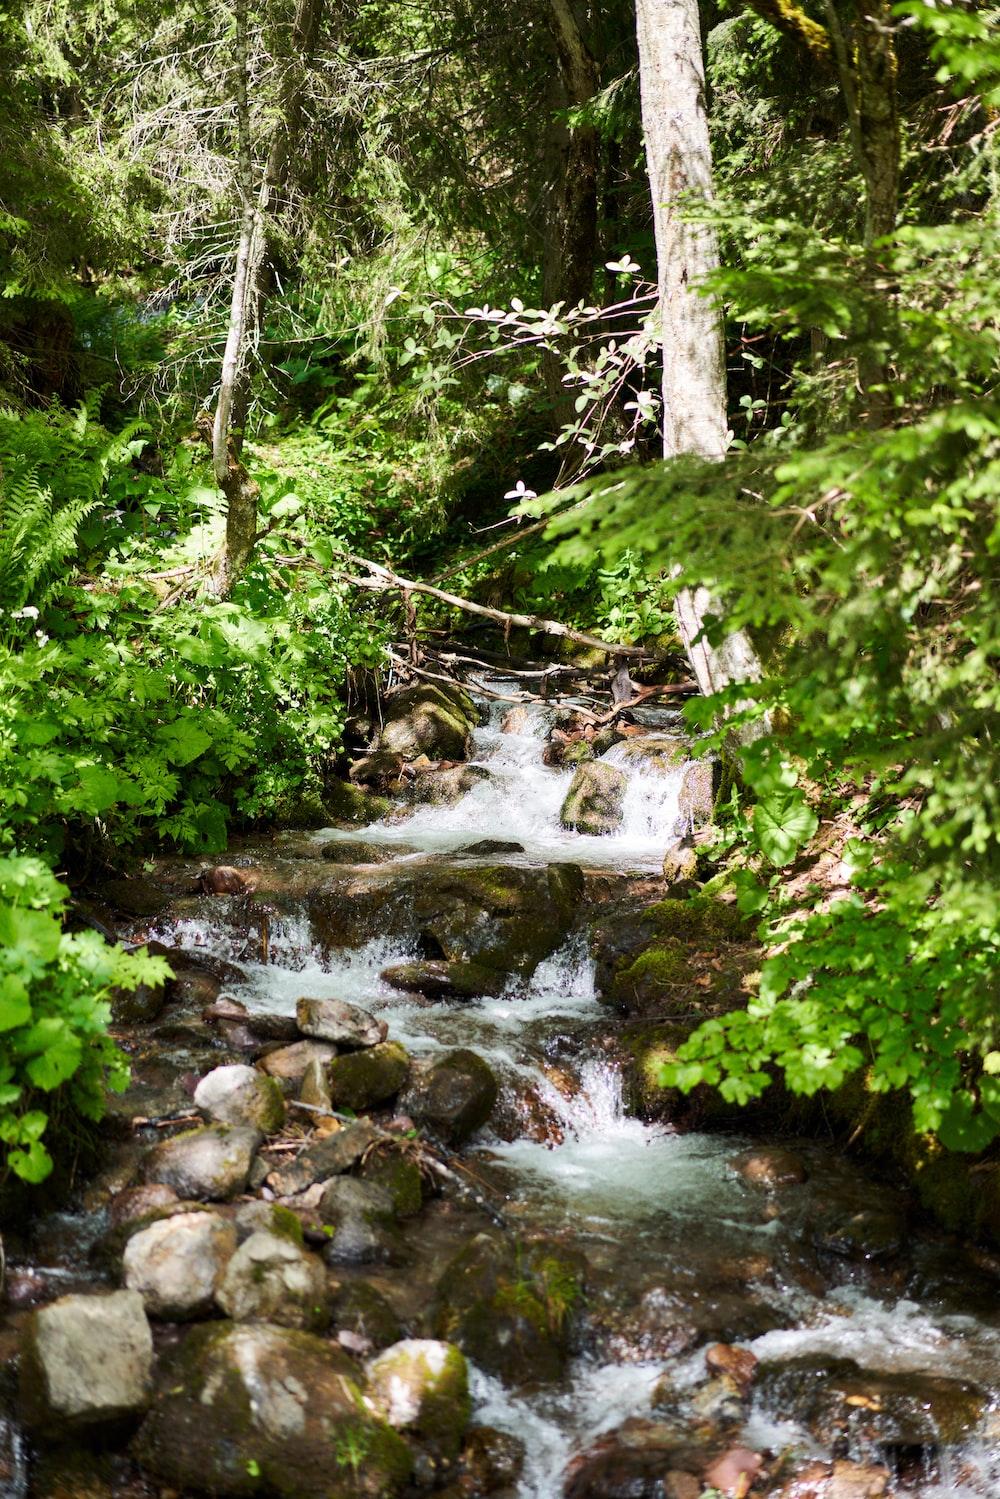 green moss on rocks in river